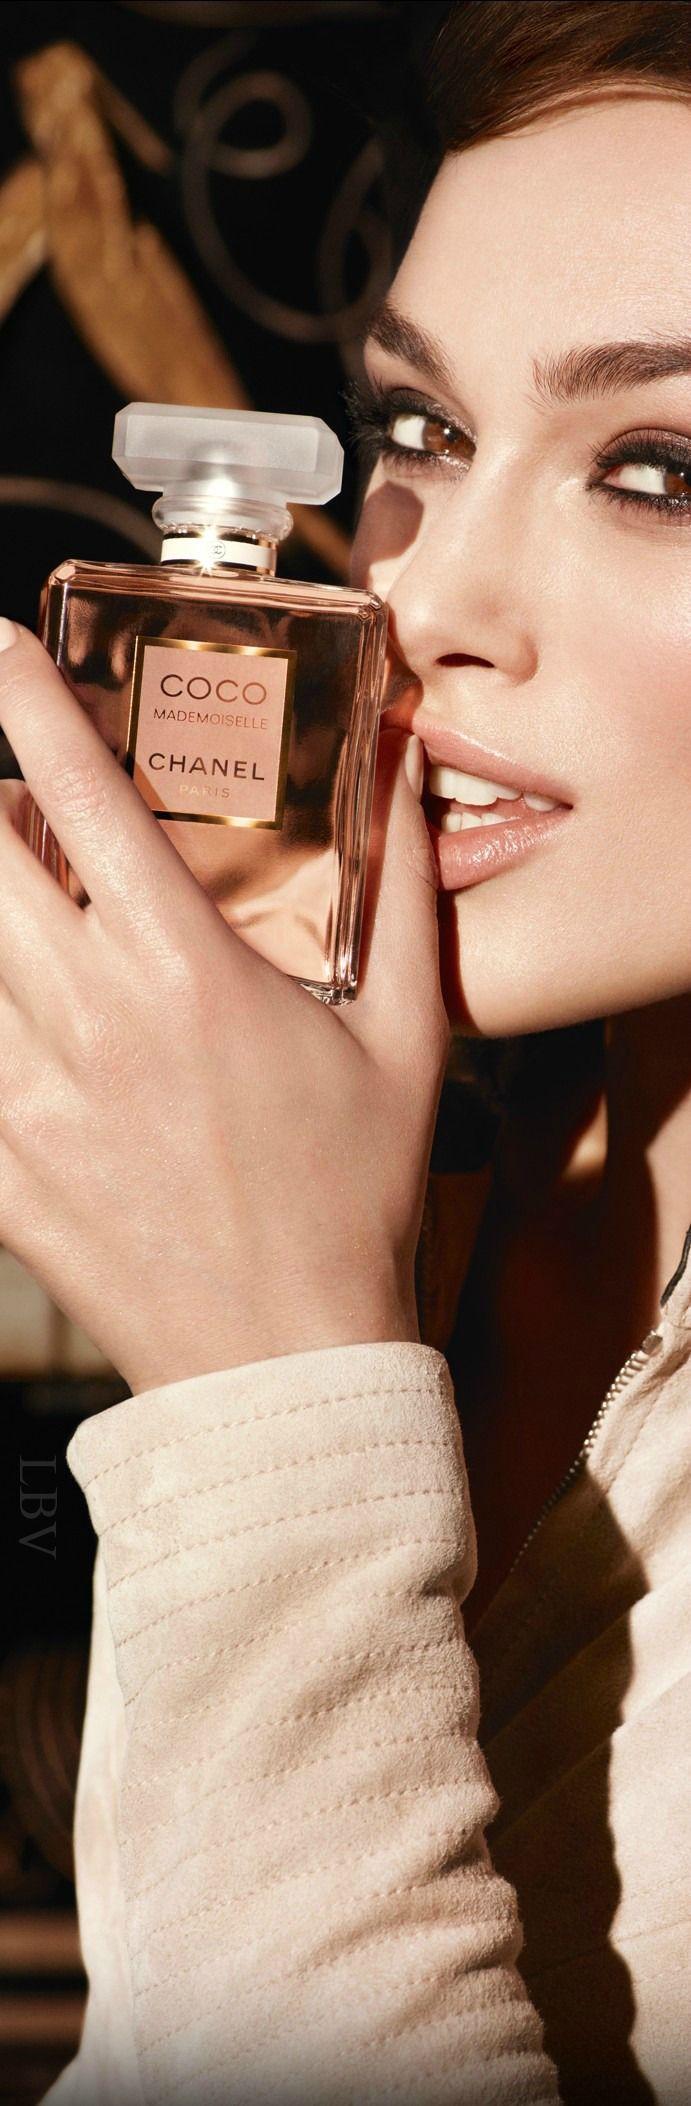 Knightley for Chanel - Parfumerie et parapharmacie - Parfumeries - Chanel